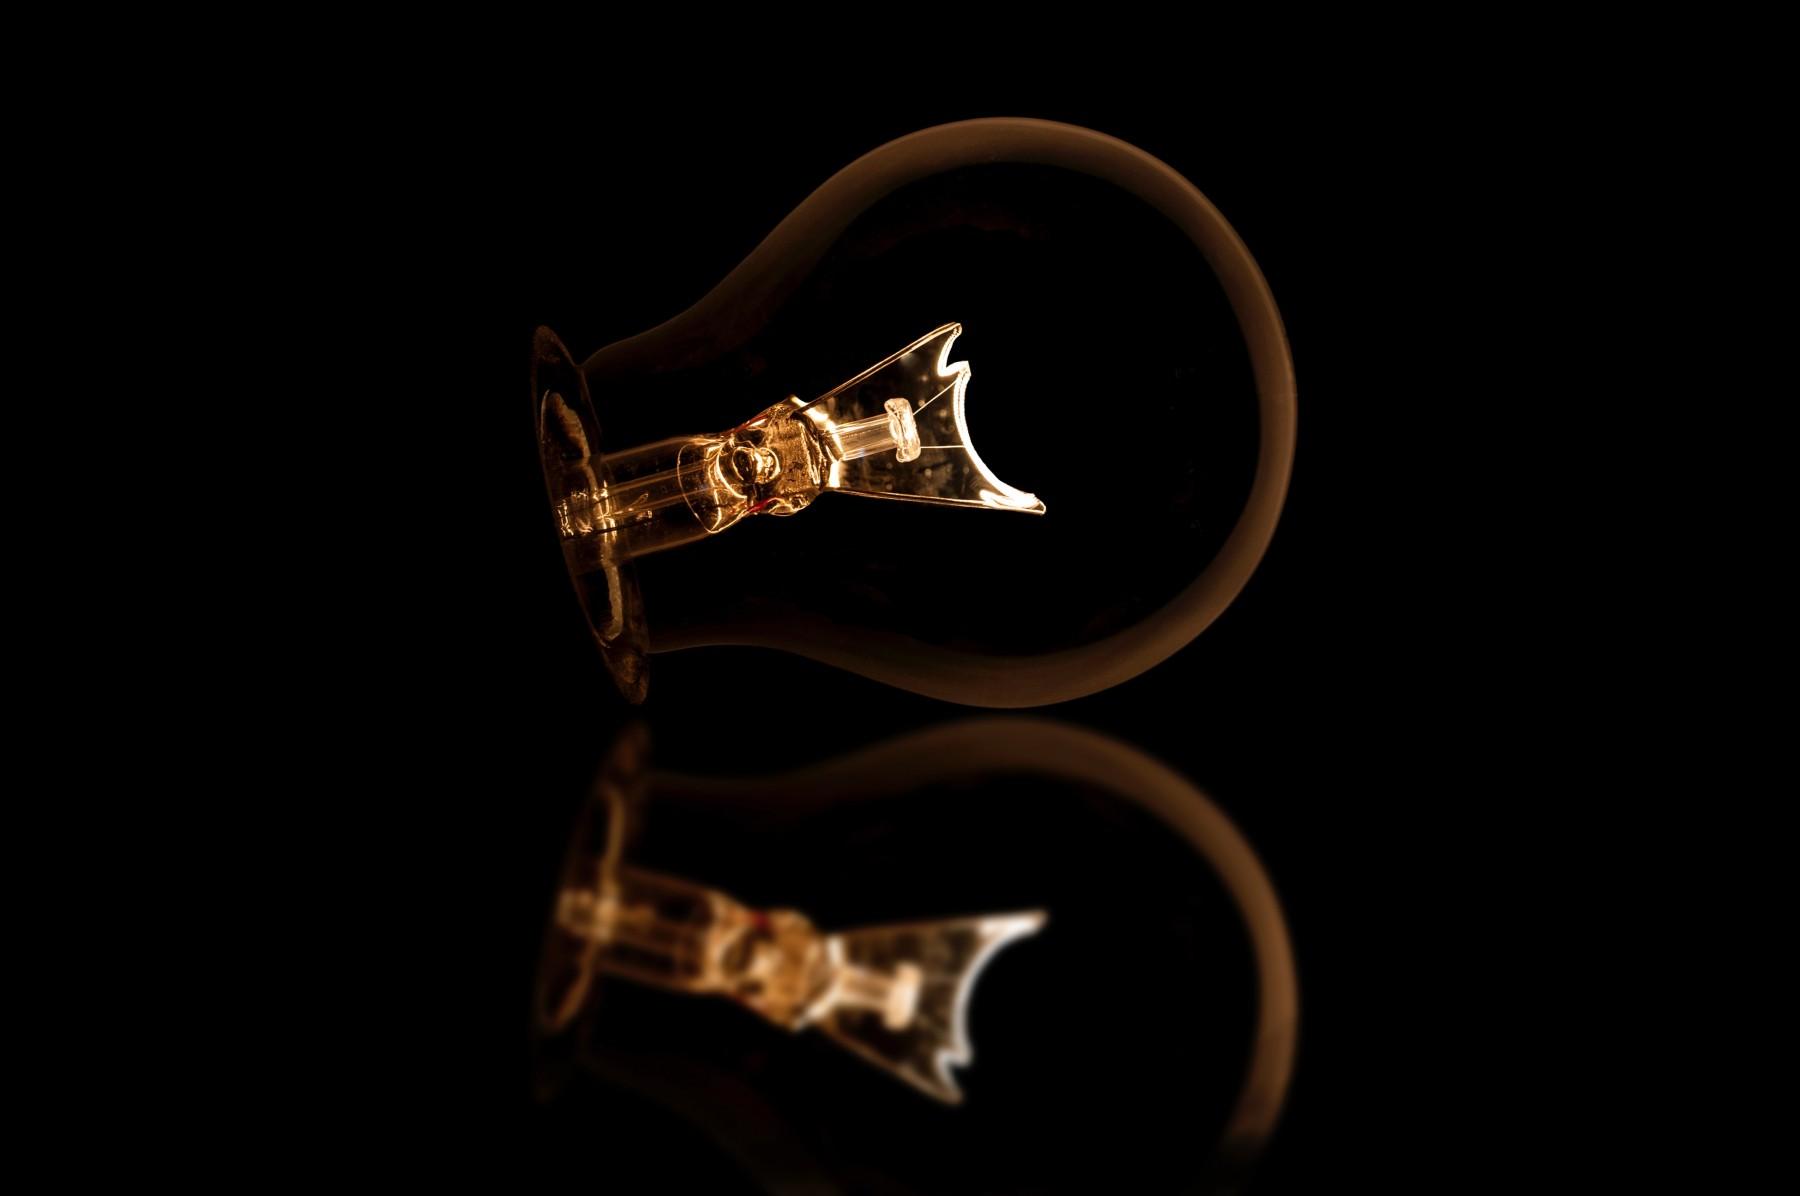 light bulb - Tim Kyle